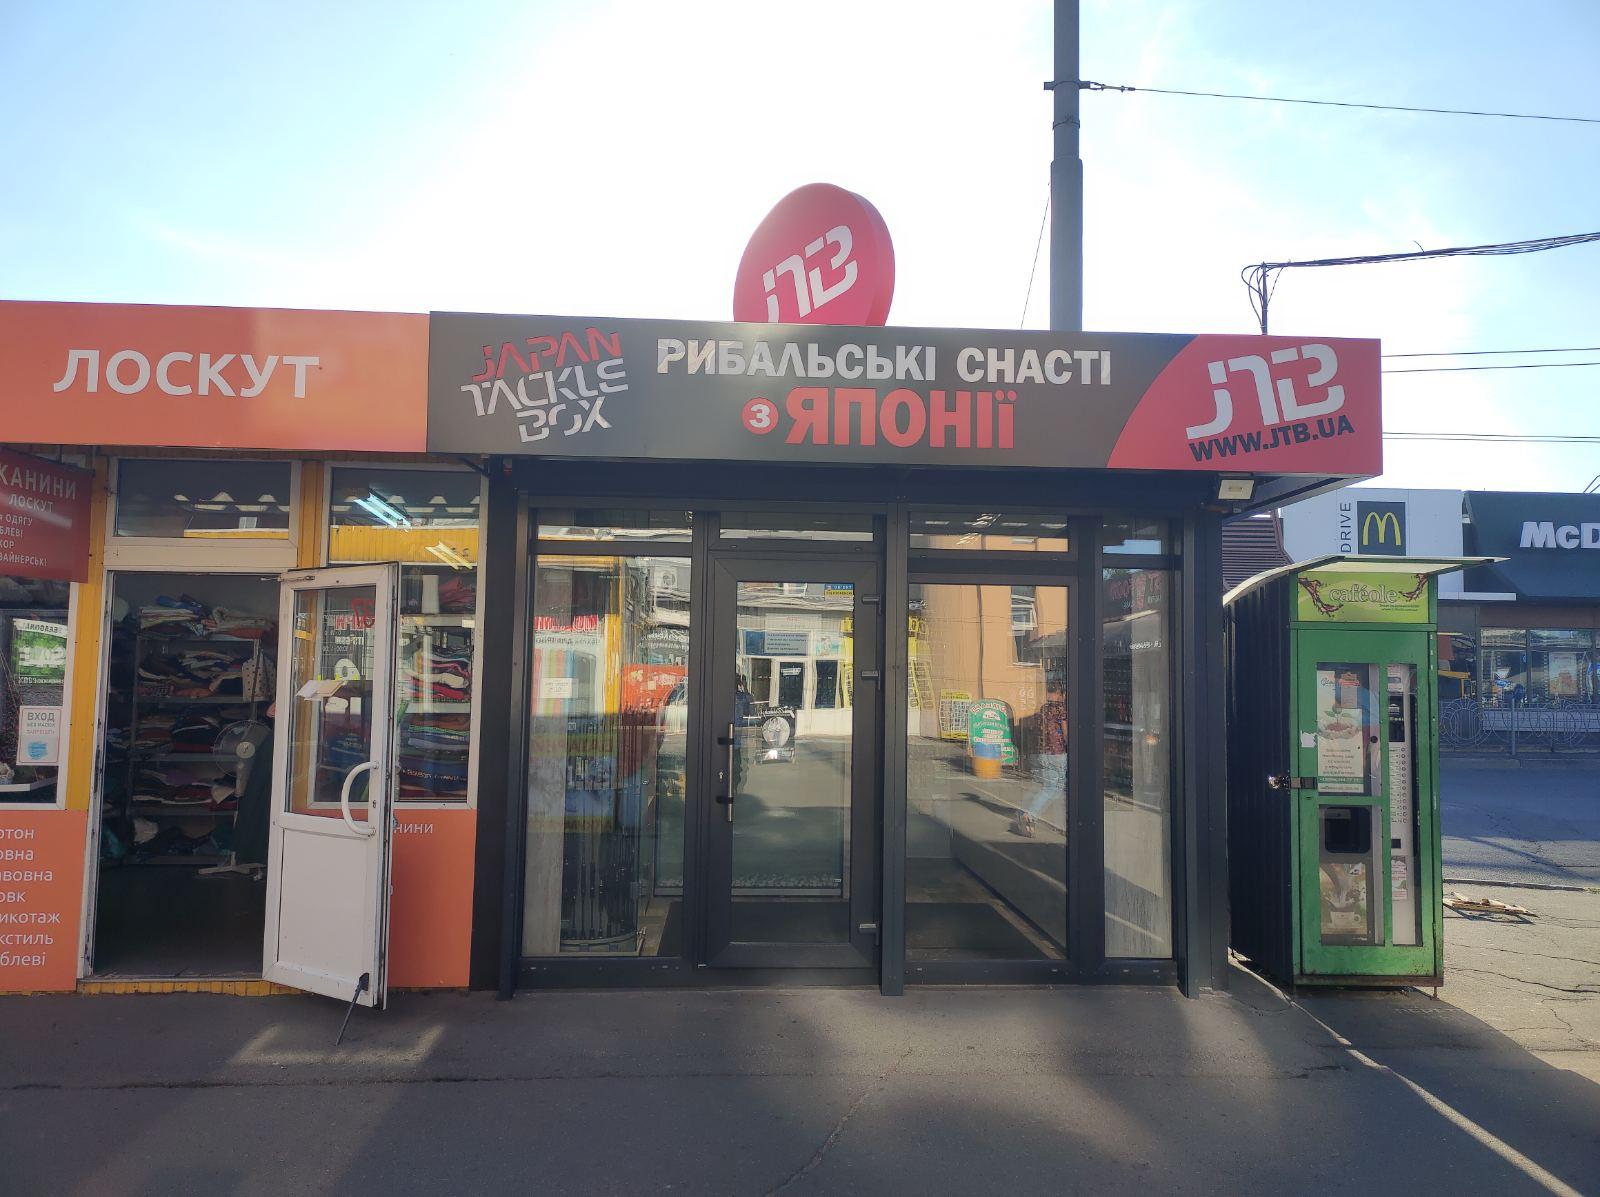 Магазин японских снастей JTB.ua в Киеве